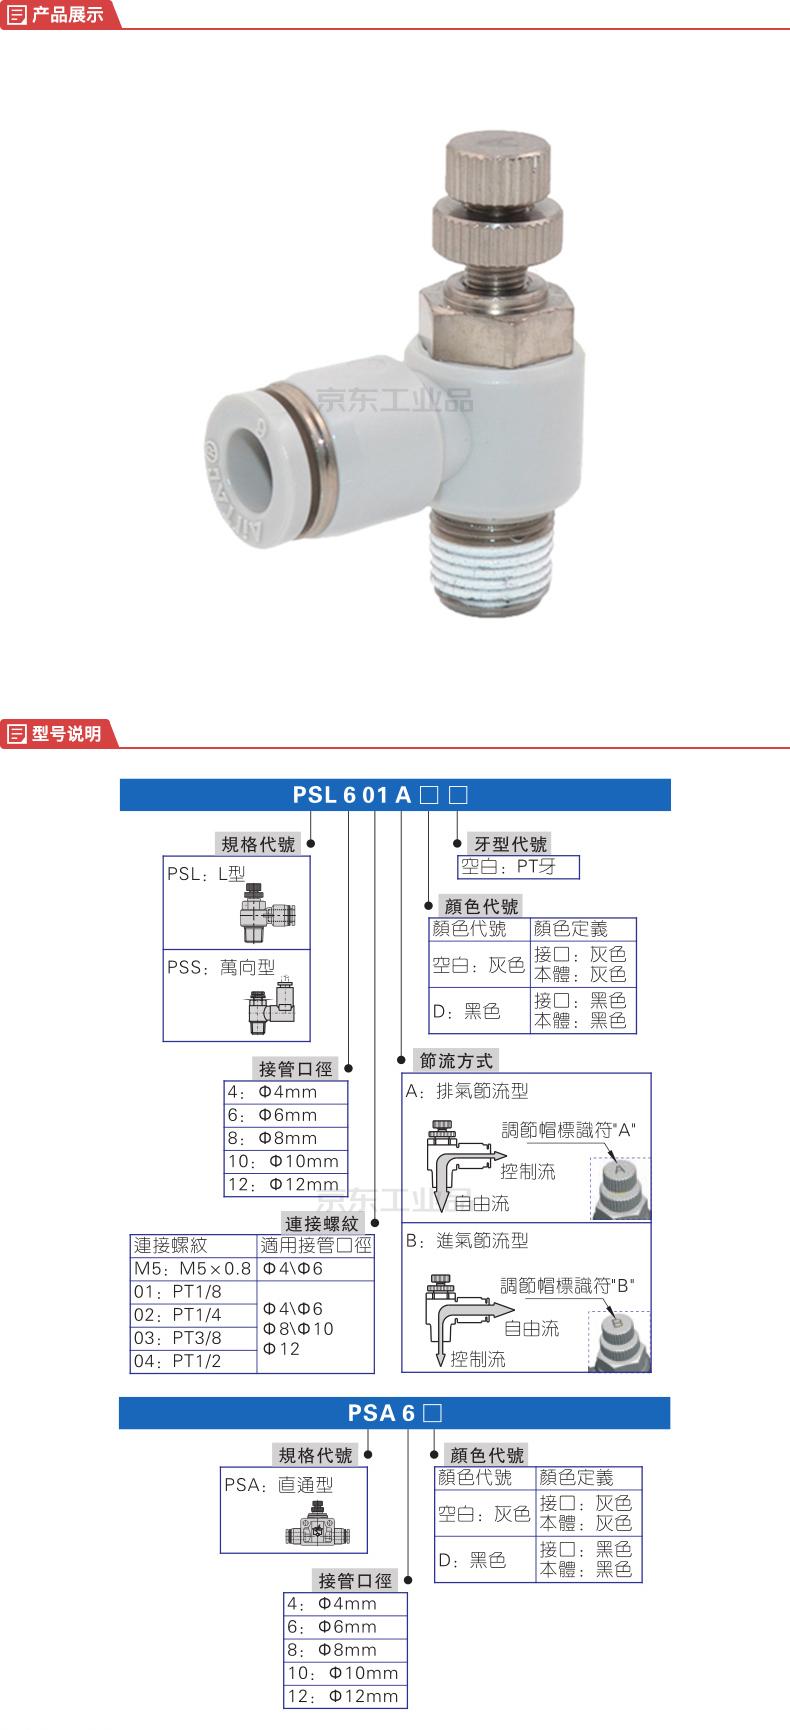 亚德客(AirTAC) 节流阀,L型【螺纹3/8